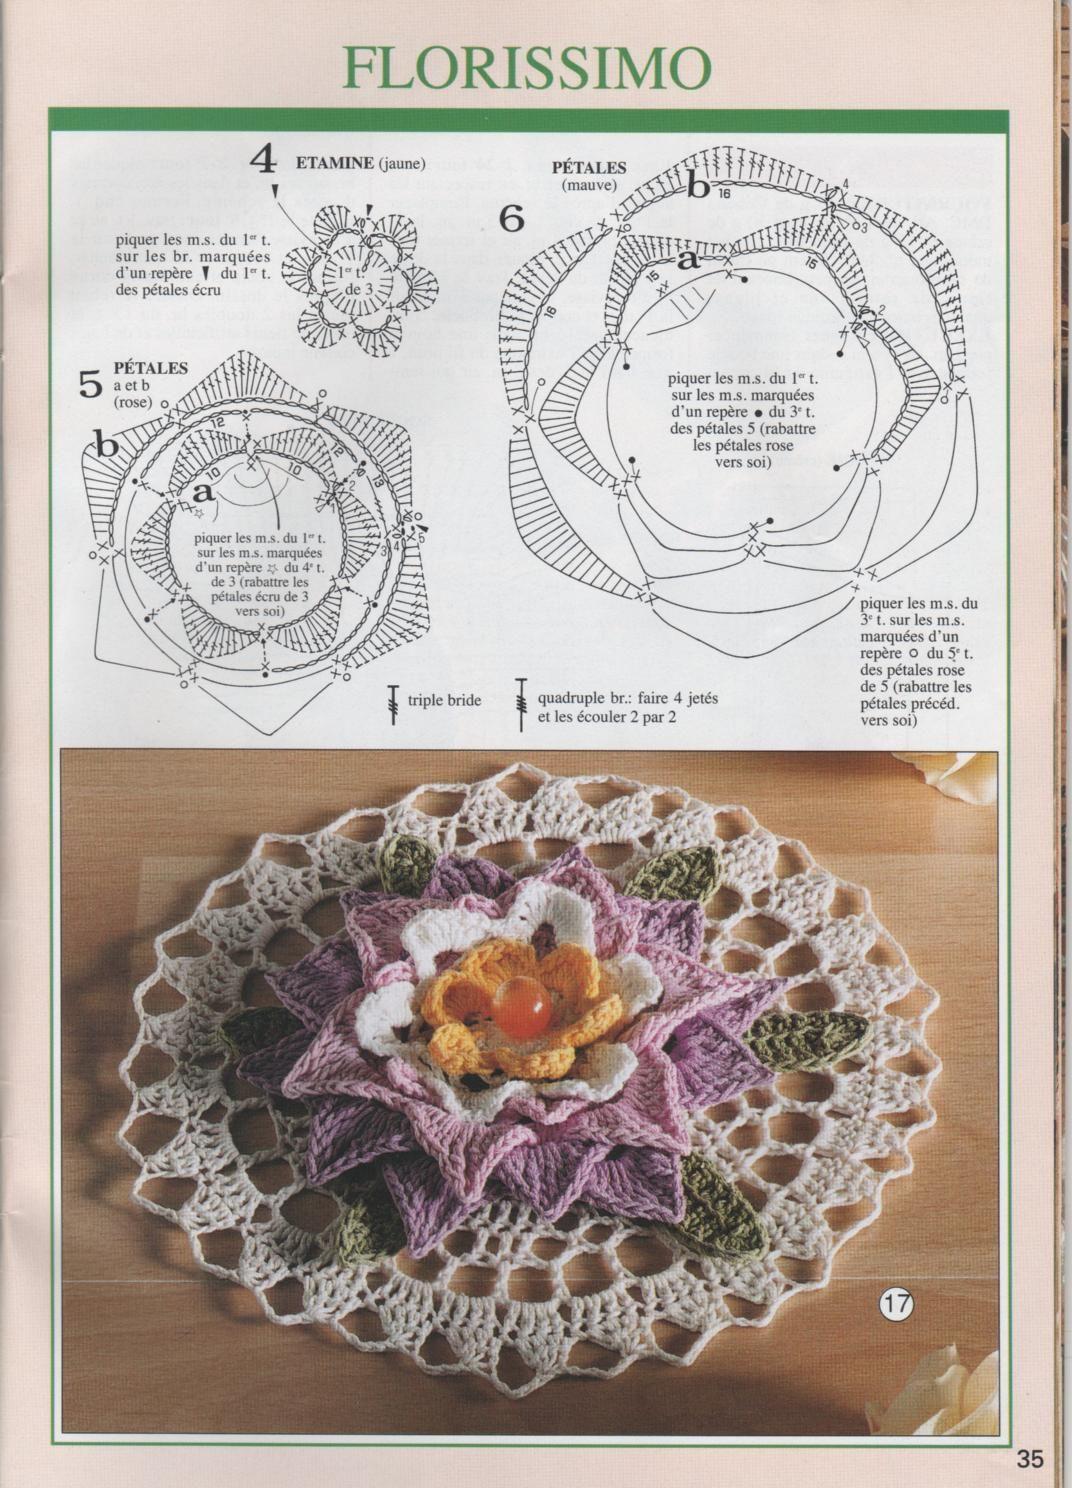 Pin de Waleed 789 en مفارش doily | Pinterest | Croché, Ganchillo y ...